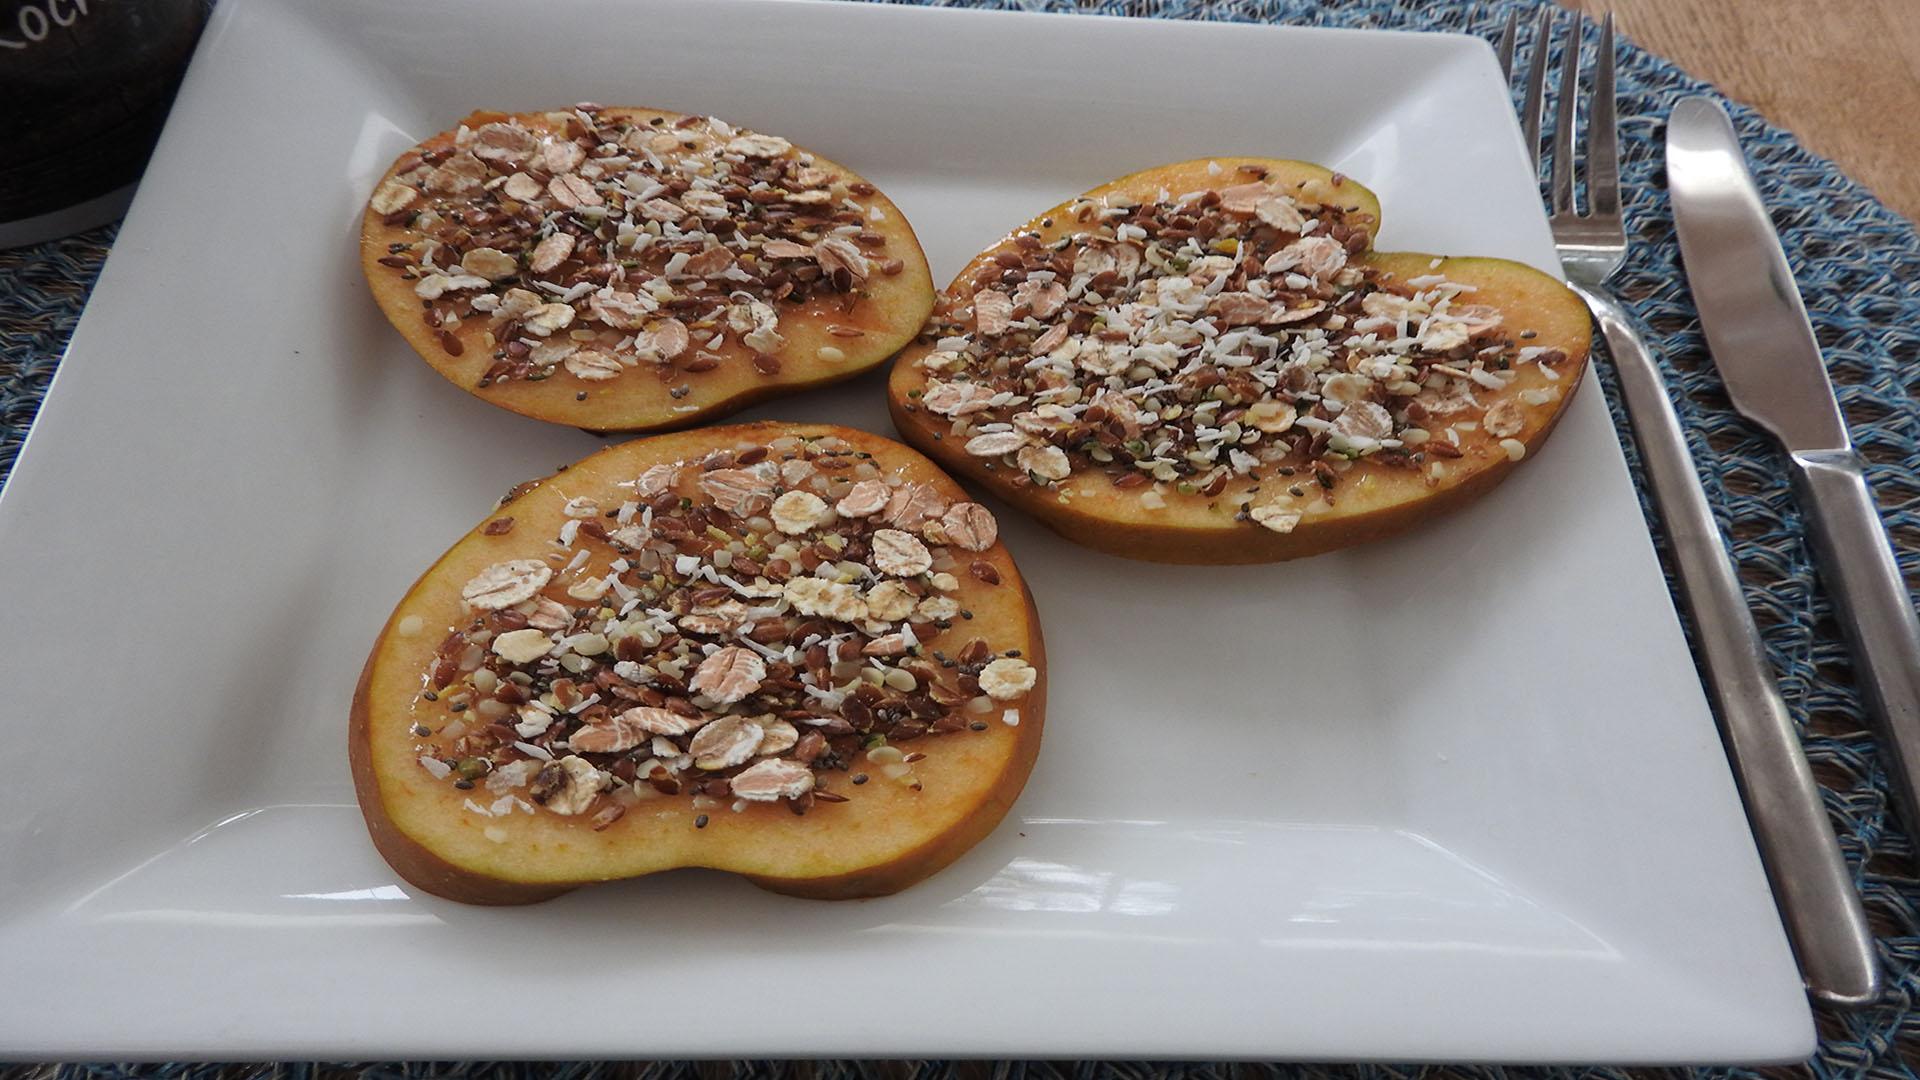 Apfel mit Honig und Sämereien auf Kochen-verstehen.de